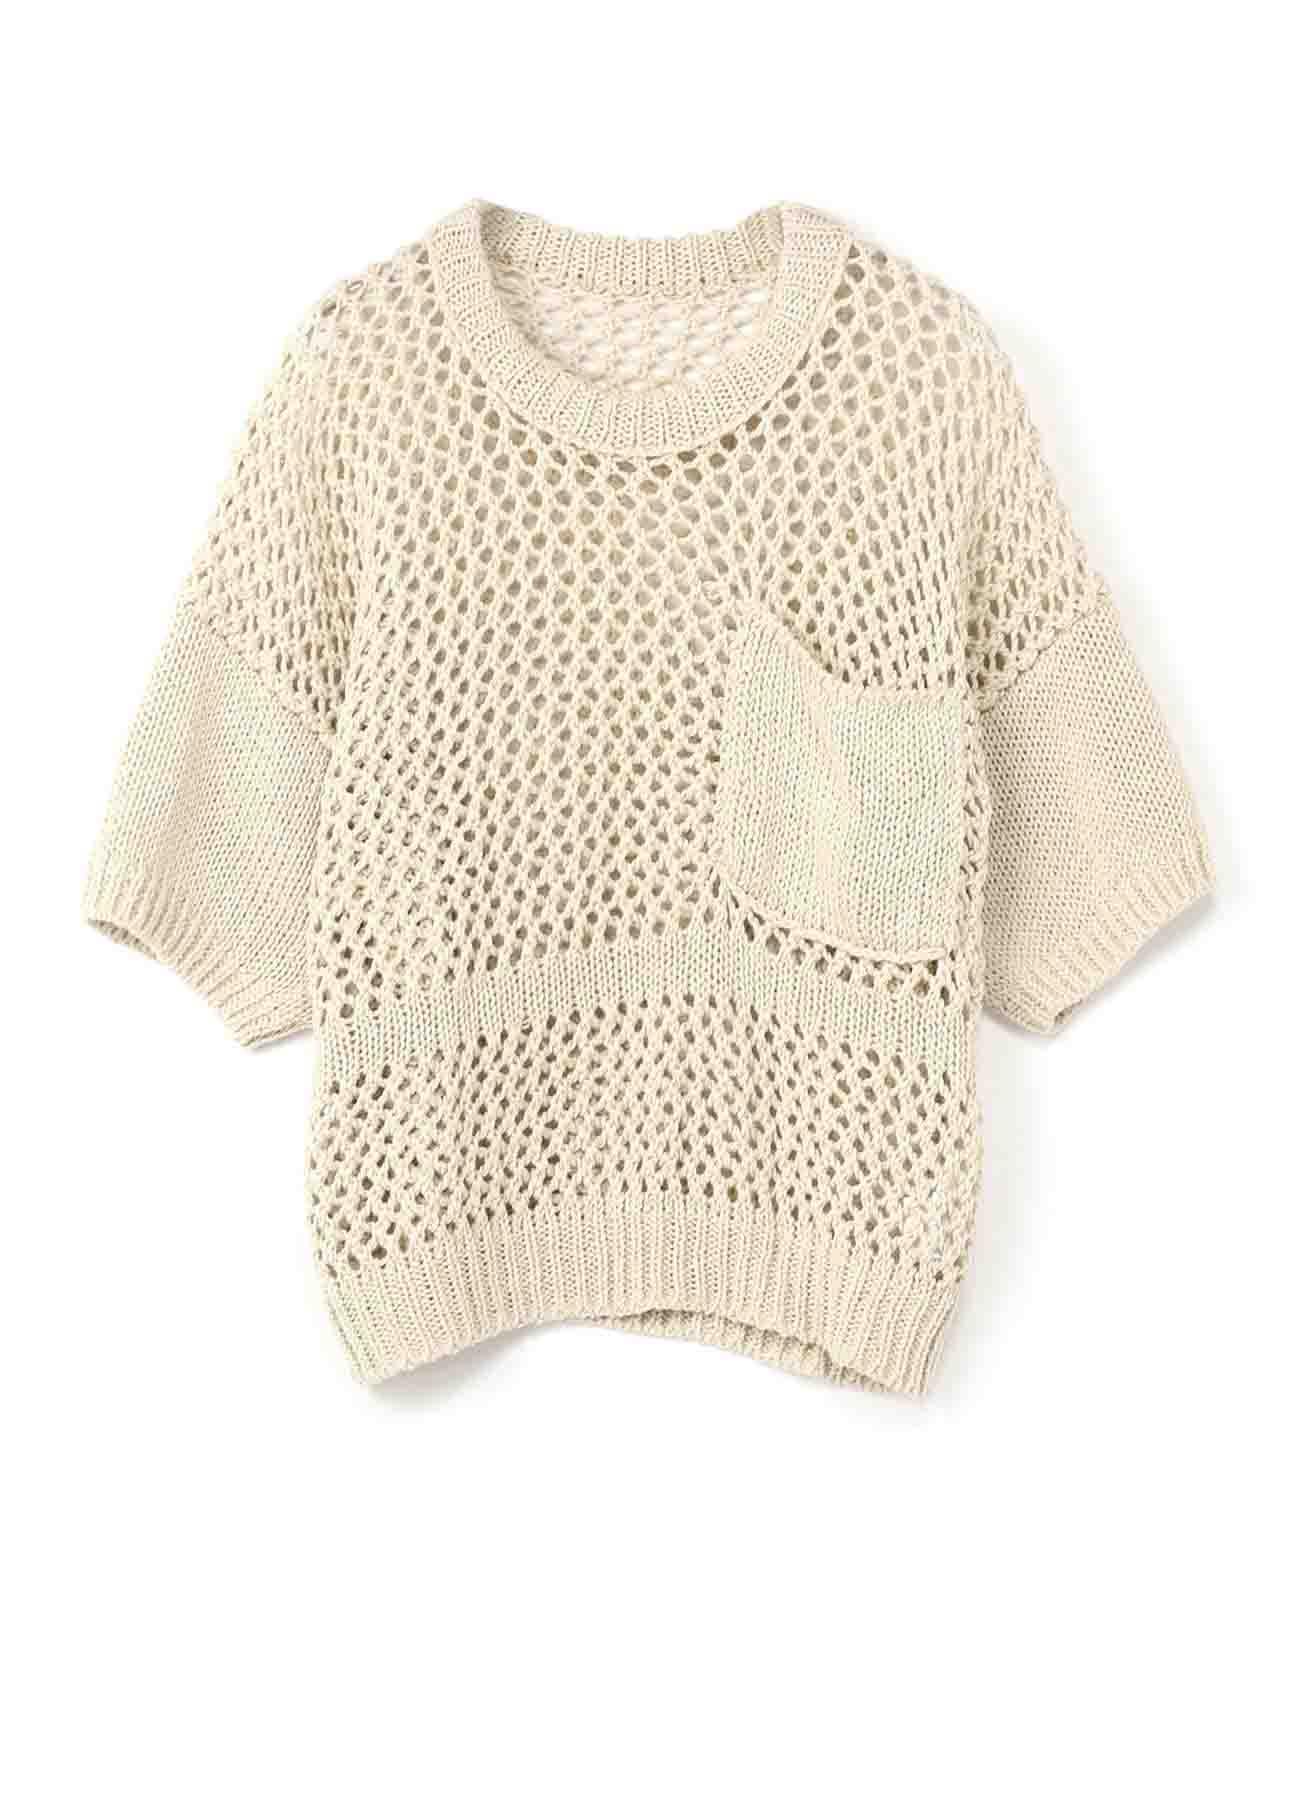 天竺xレース編み ゆったりプルオーバー